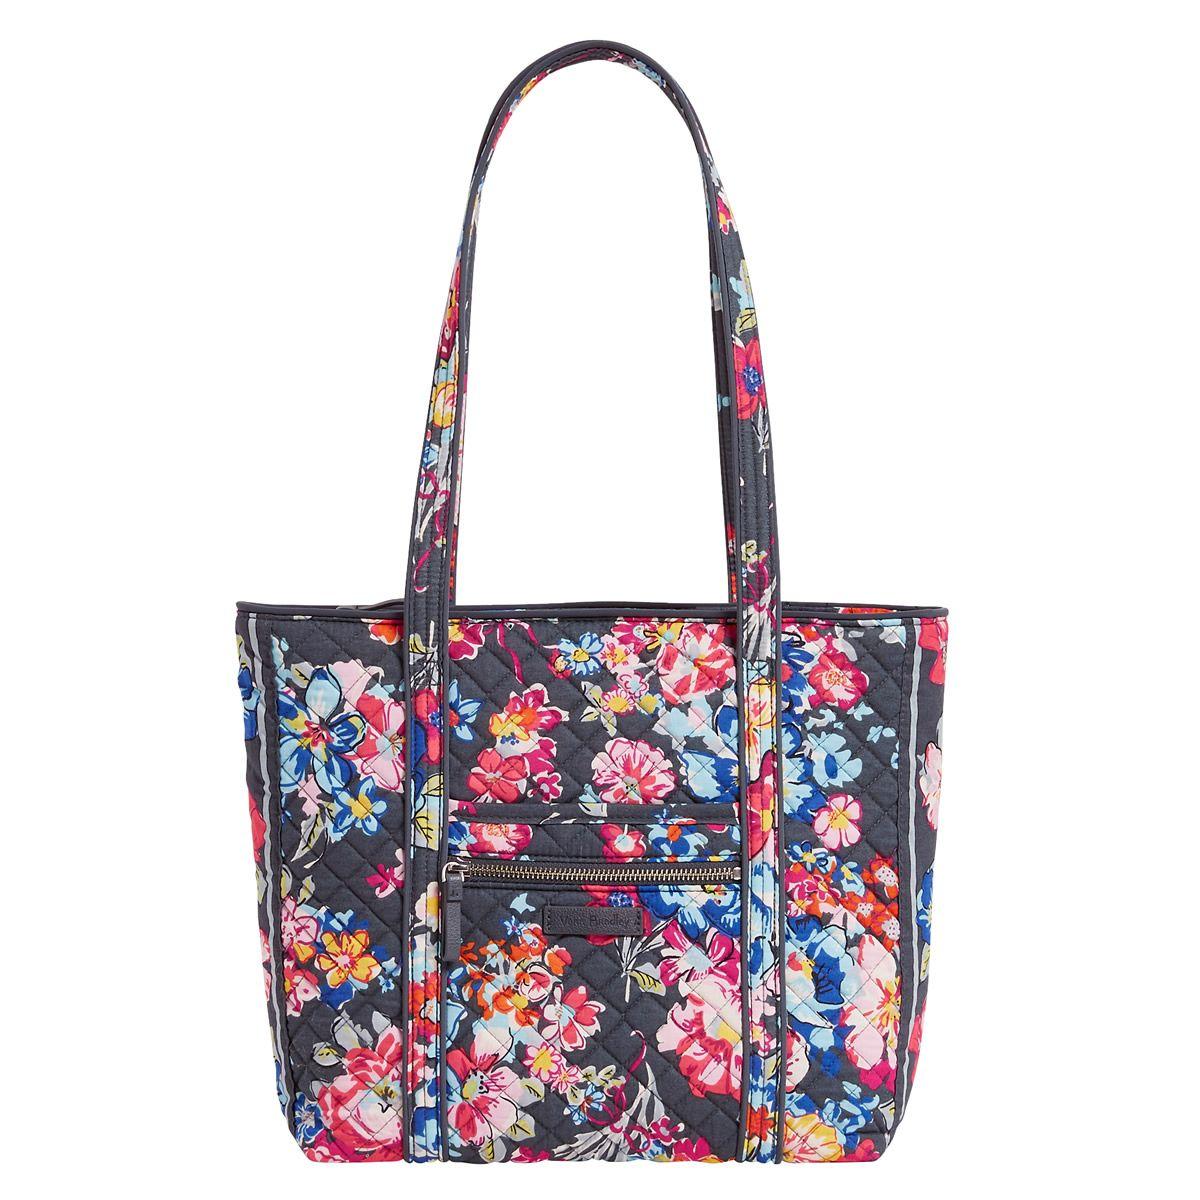 7724deb580e2 Vera Bradley Handbags - Macy s